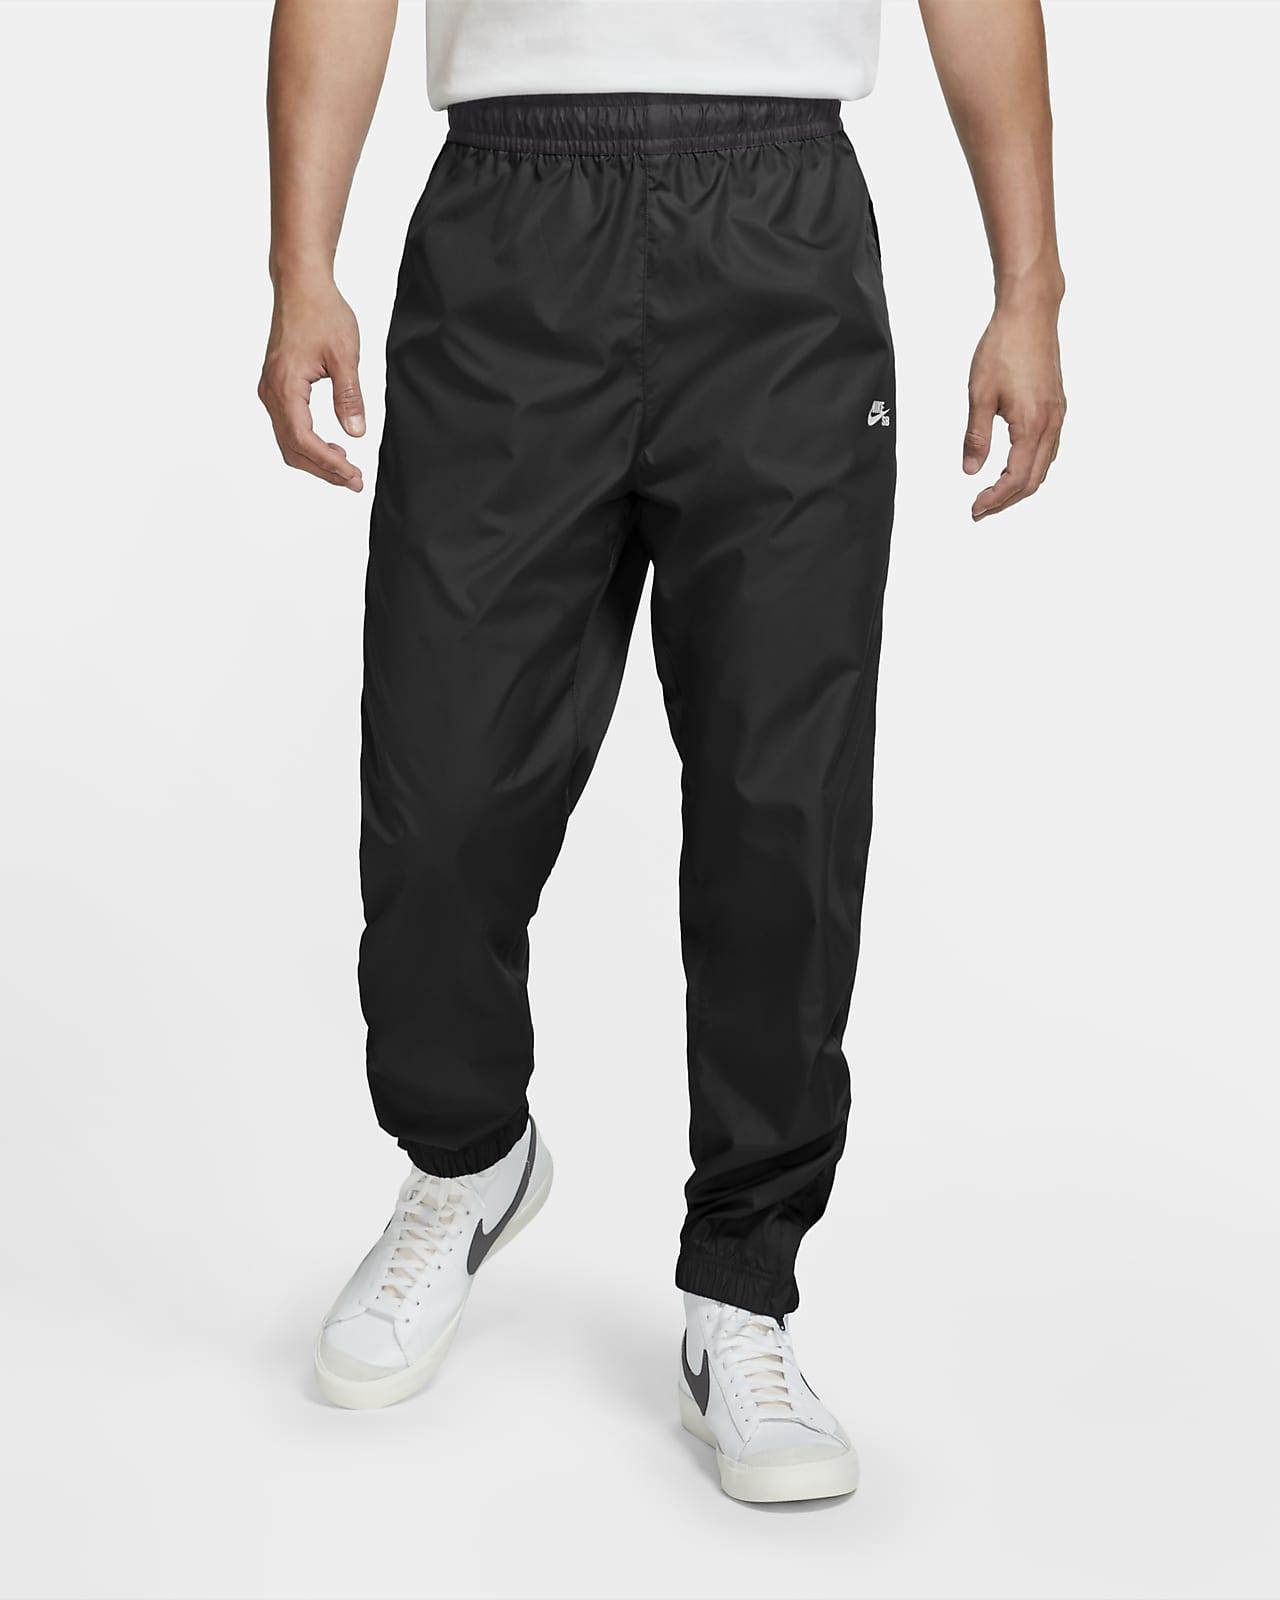 Pánské sportovní kalhoty Nike SB na skateboard